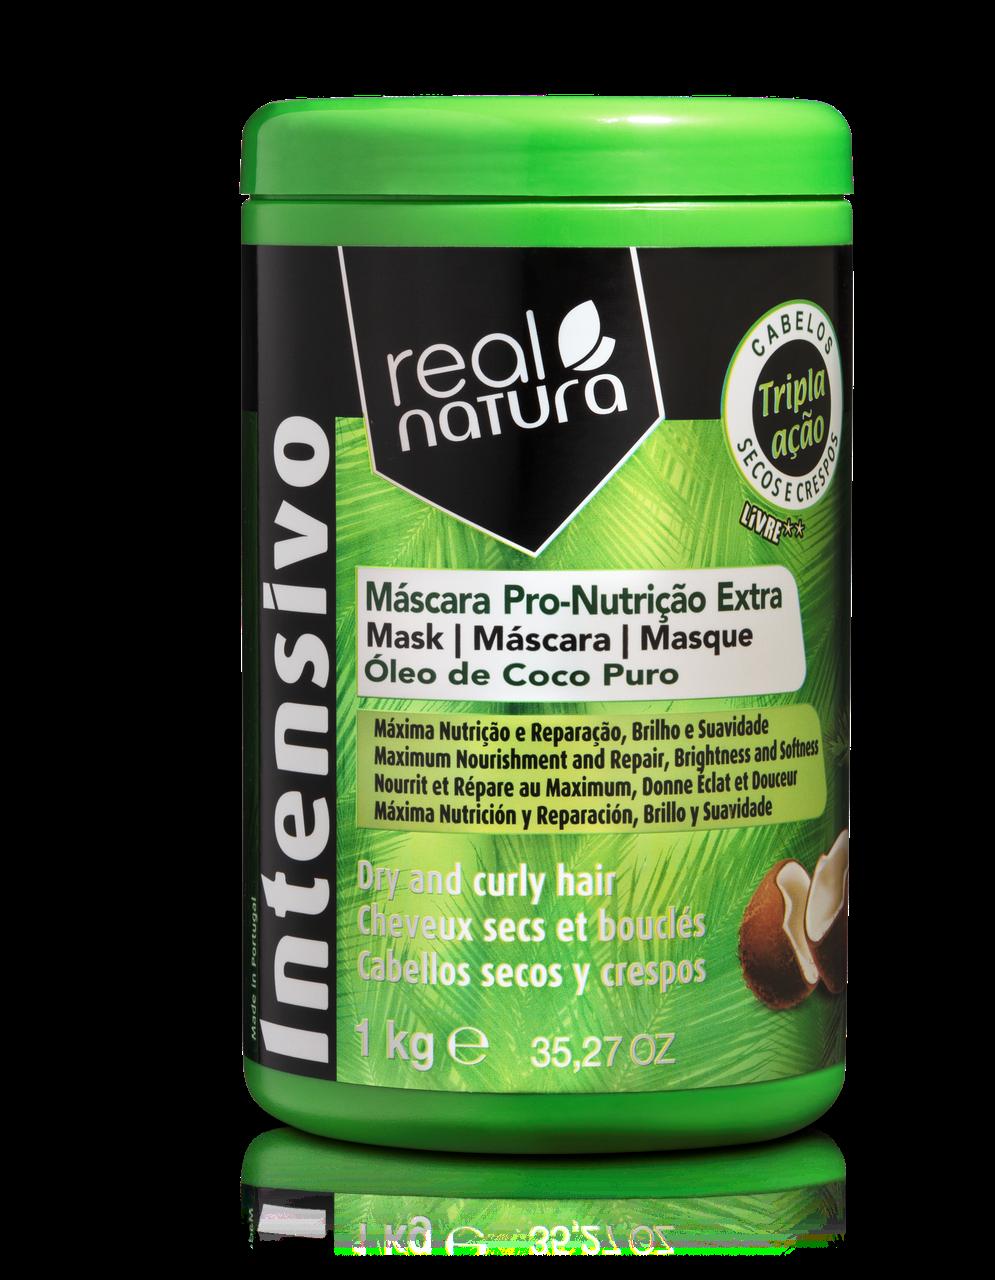 Маска Real Natura Pro-Nutrição Extra Coco для харчування, гладкості і блиску волосся 1kg